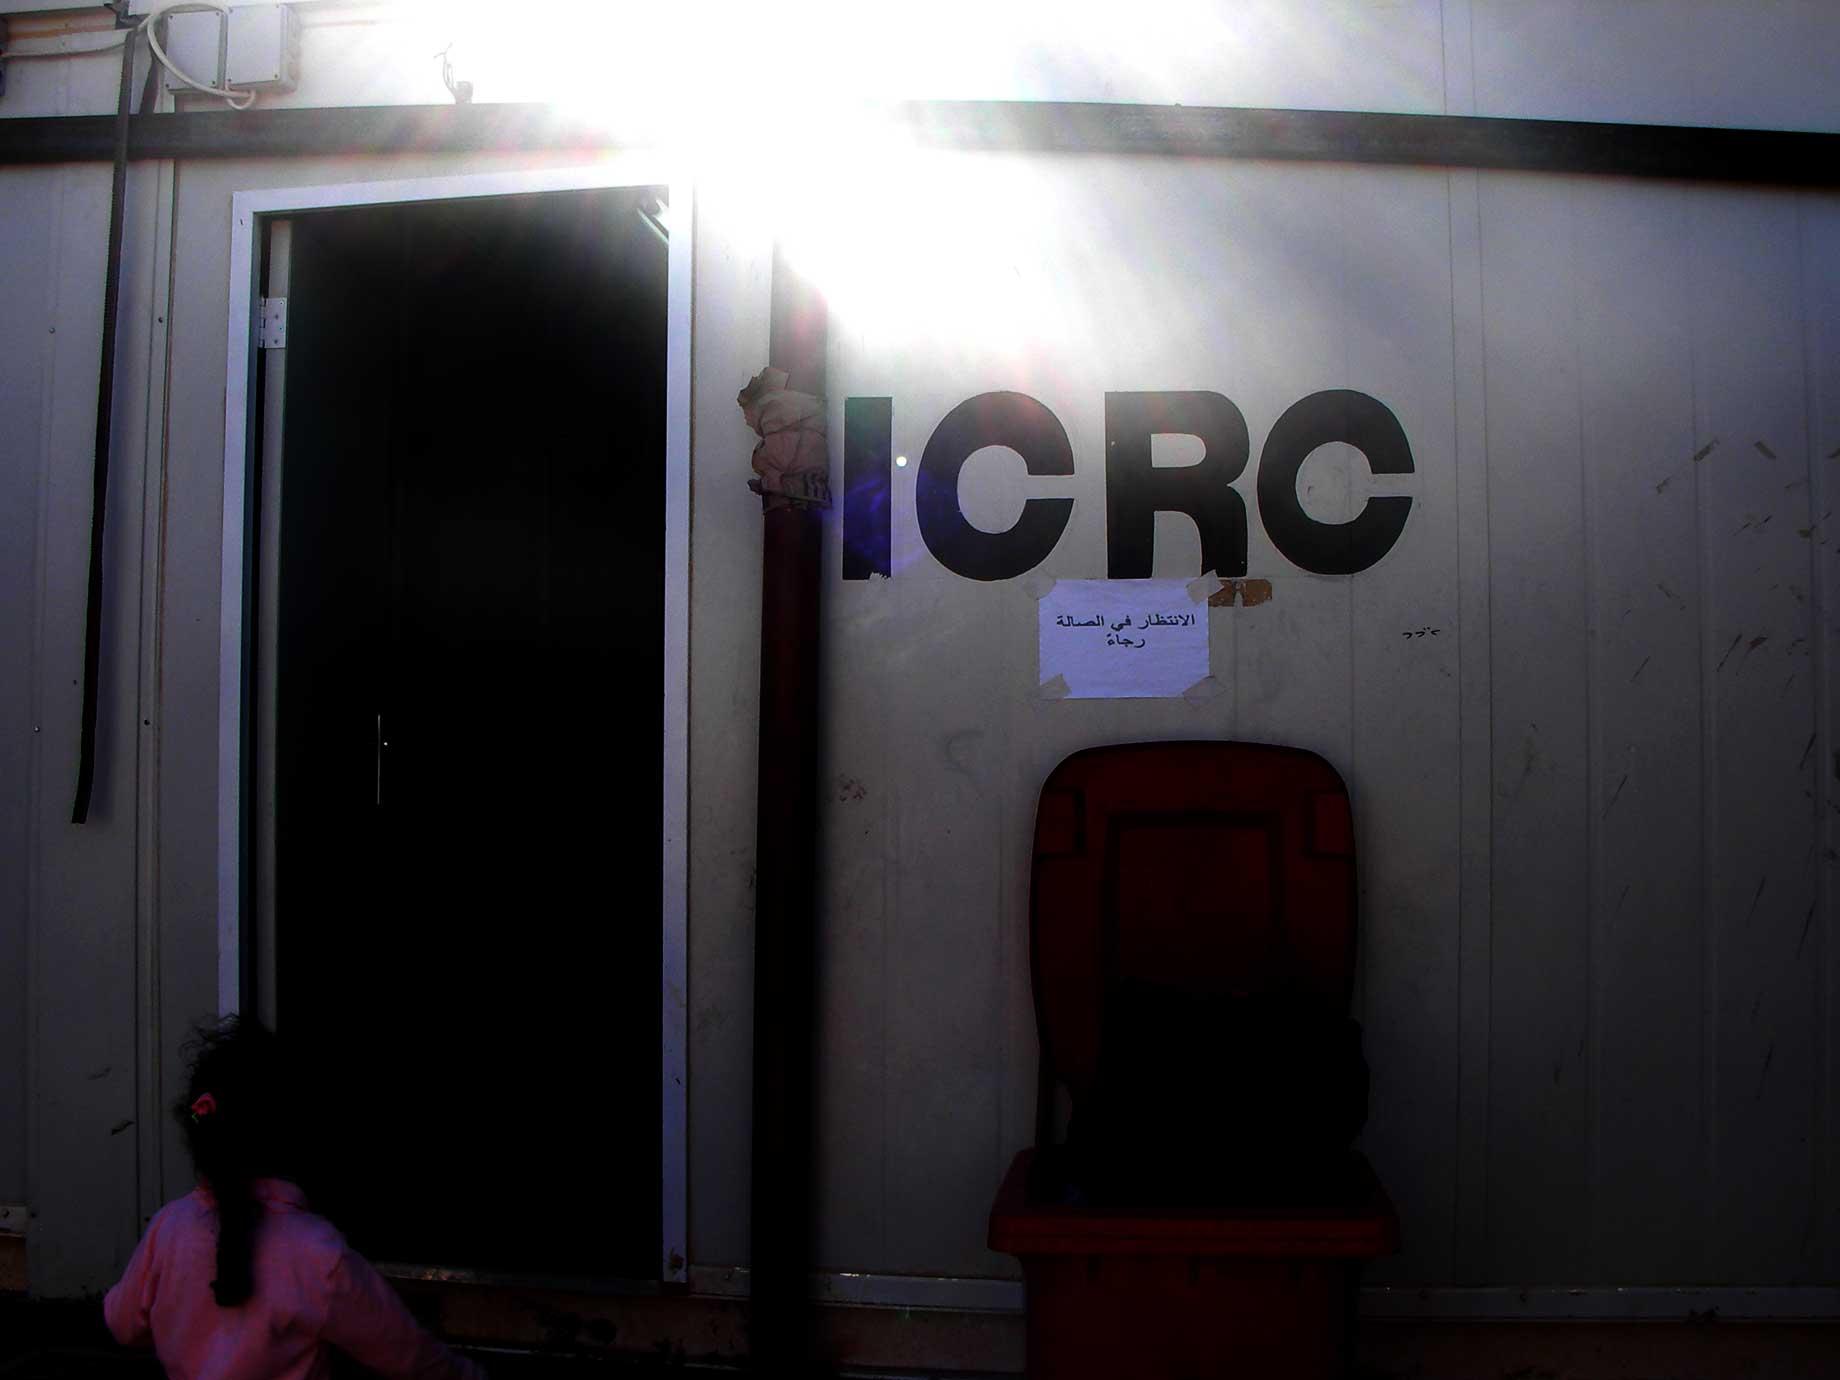 難民キャンプ訪問 その2(シリア・イラク国境)_f0155297_6452226.jpg